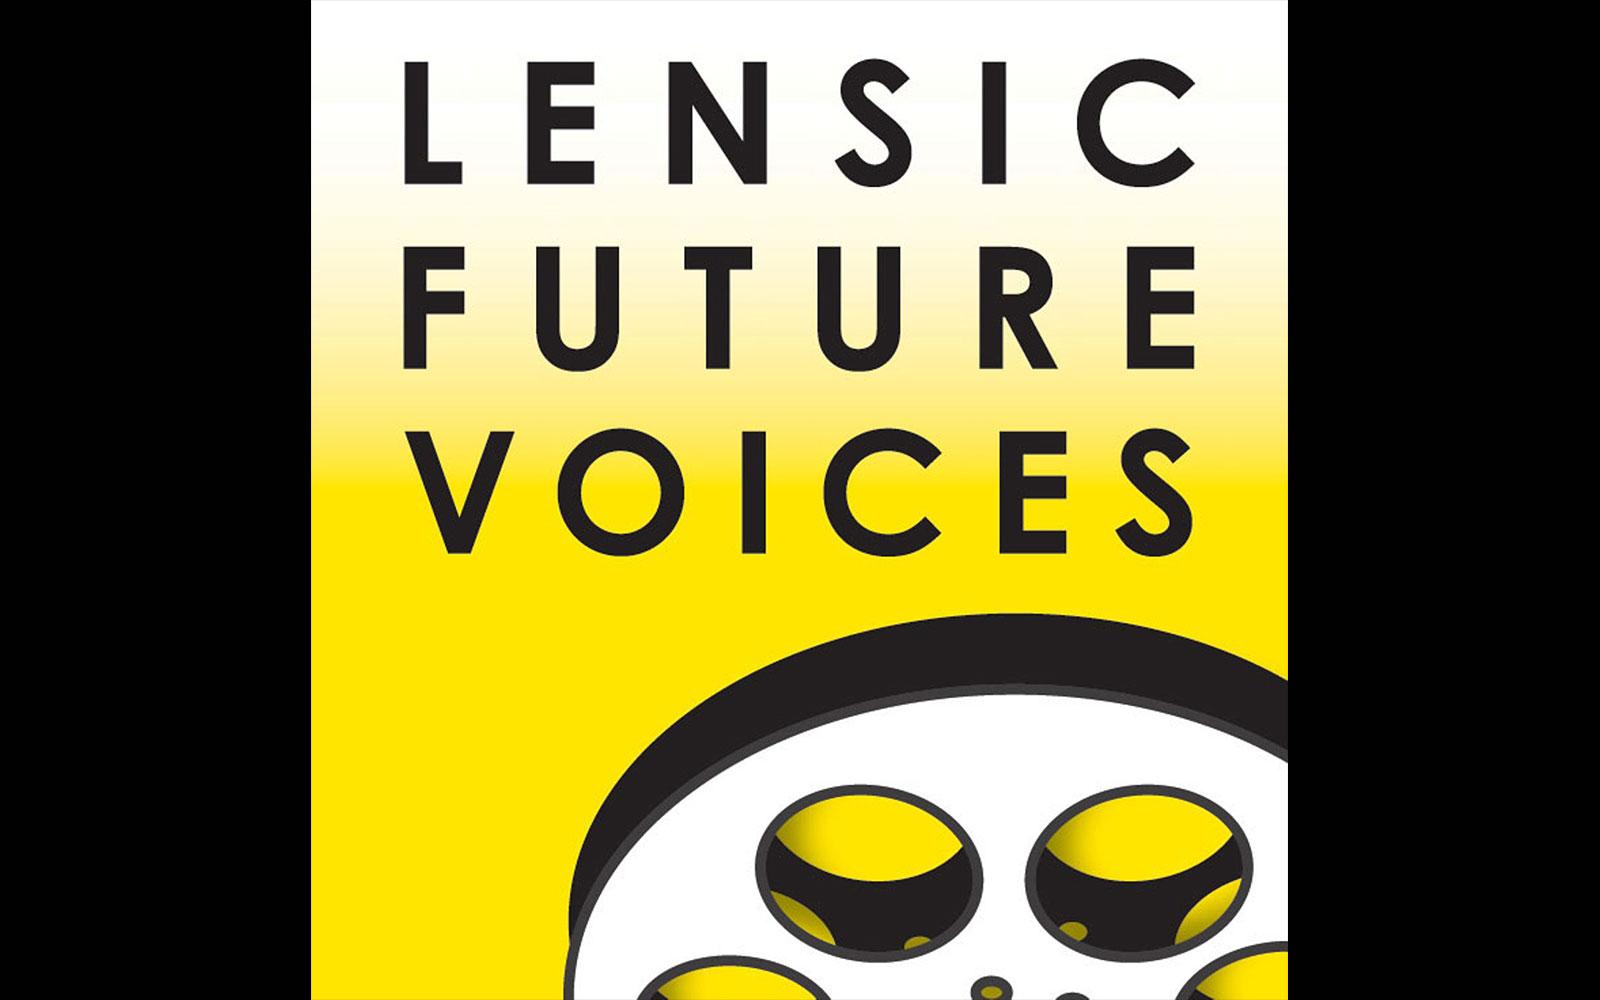 Futurevoicesforwebsite16x10